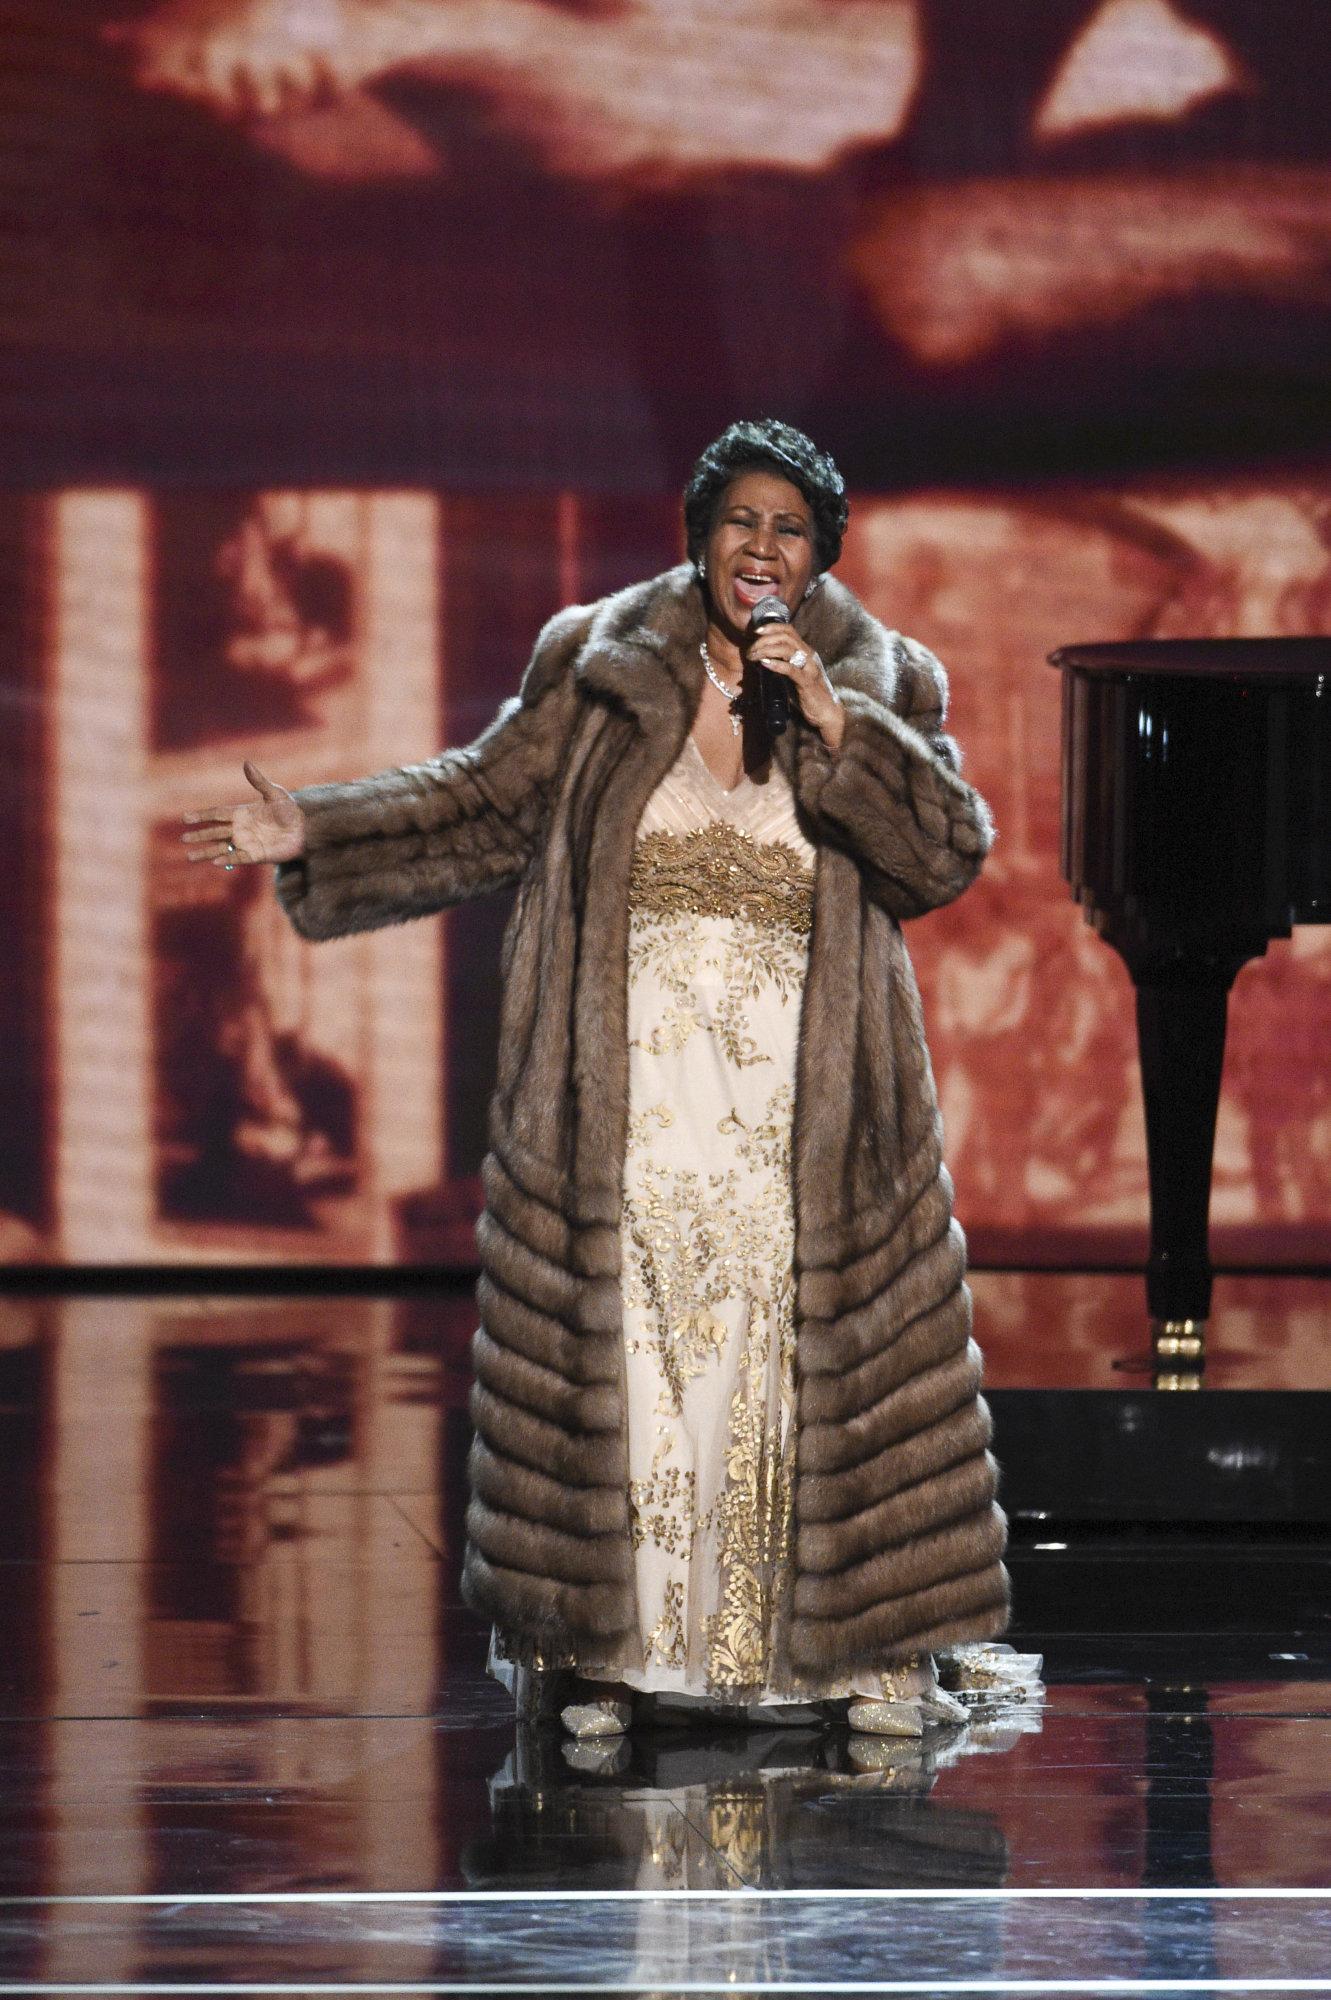 Aretha Franklin A Natural Woman : aretha, franklin, natural, woman, Aretha, Franklin, Brought, House, Kennedy, Center, Times